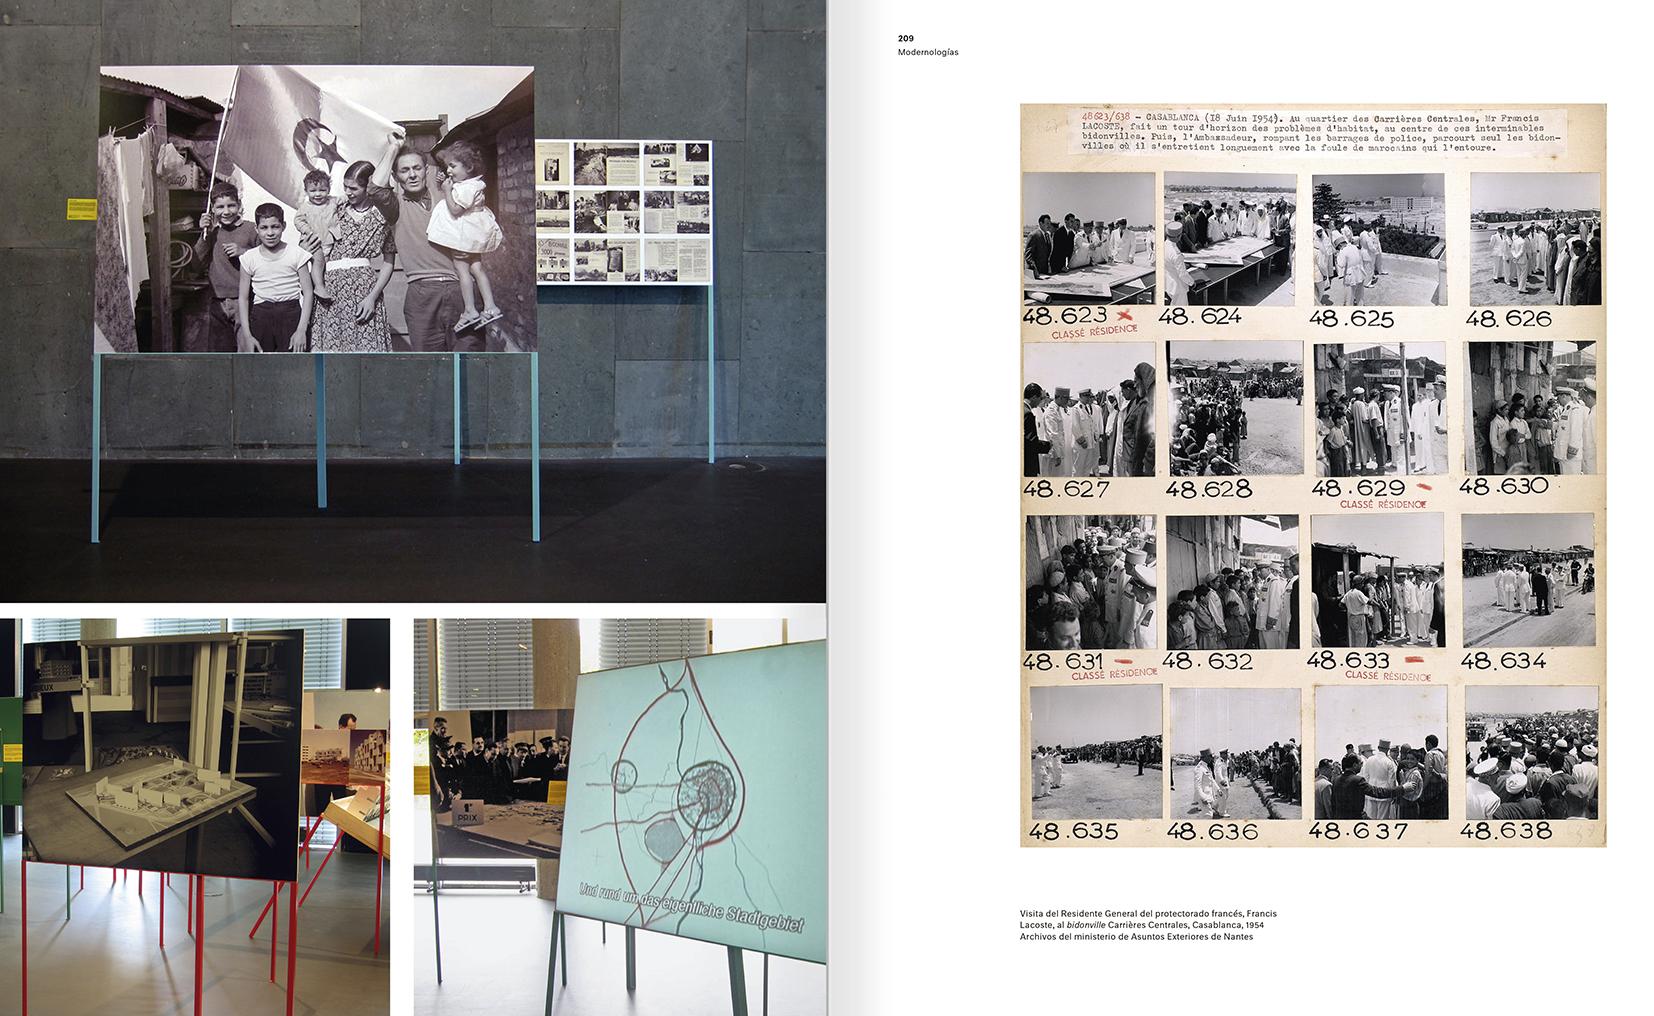 """Selección del catálogo """"Modernologías. Artistas contemporáneos investigan la modernidad y el modernismo"""" páginas 208 y 209"""